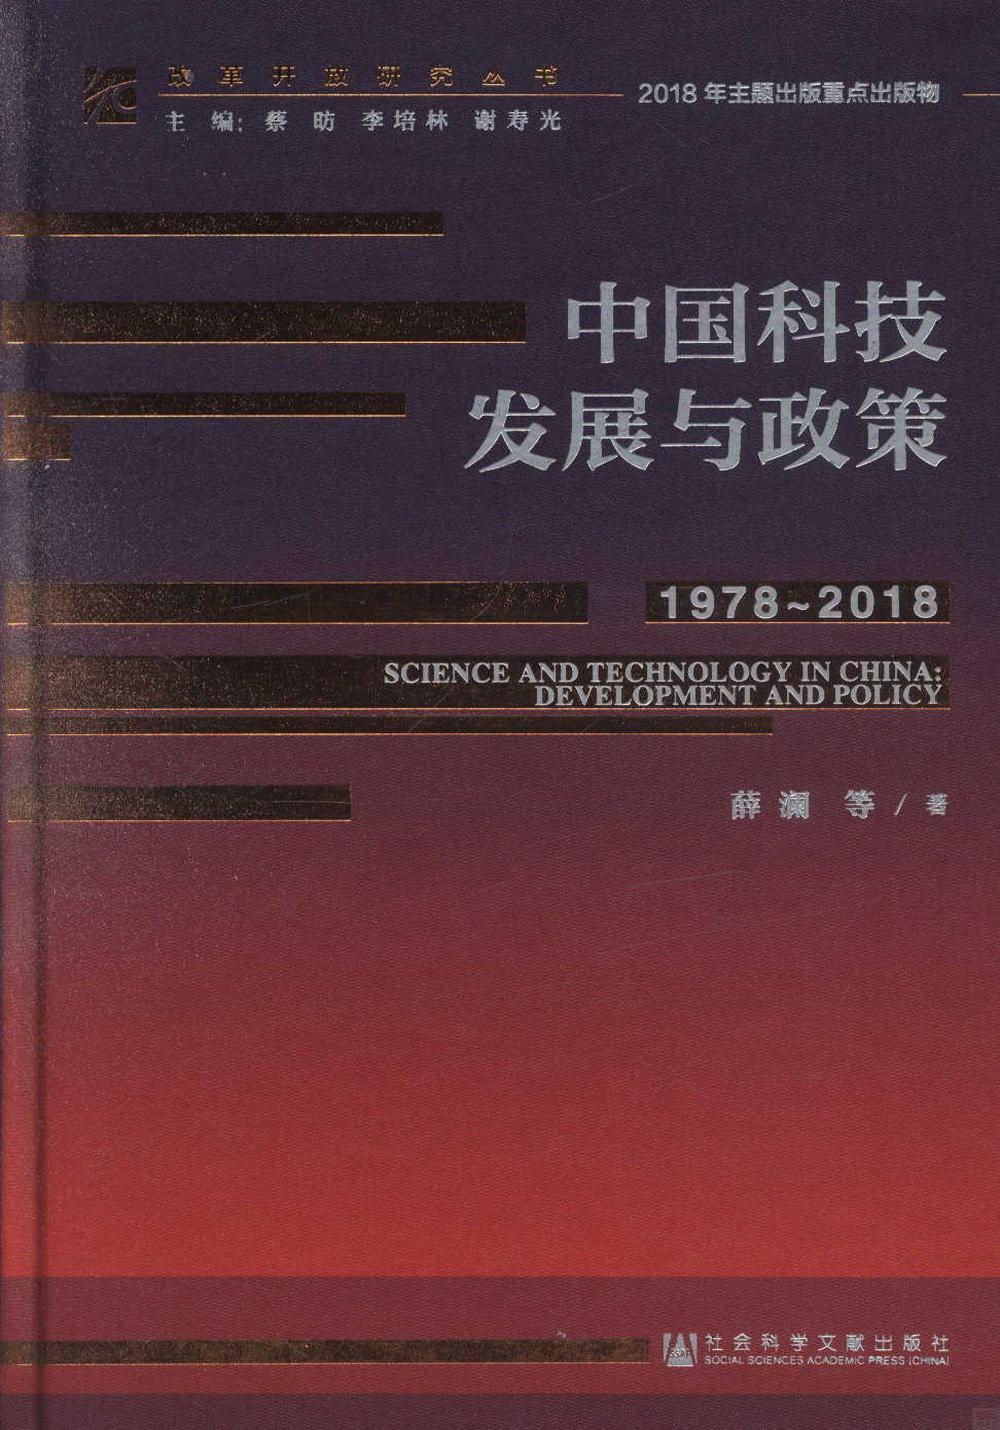 中國科技發展與政策(1978-2018)